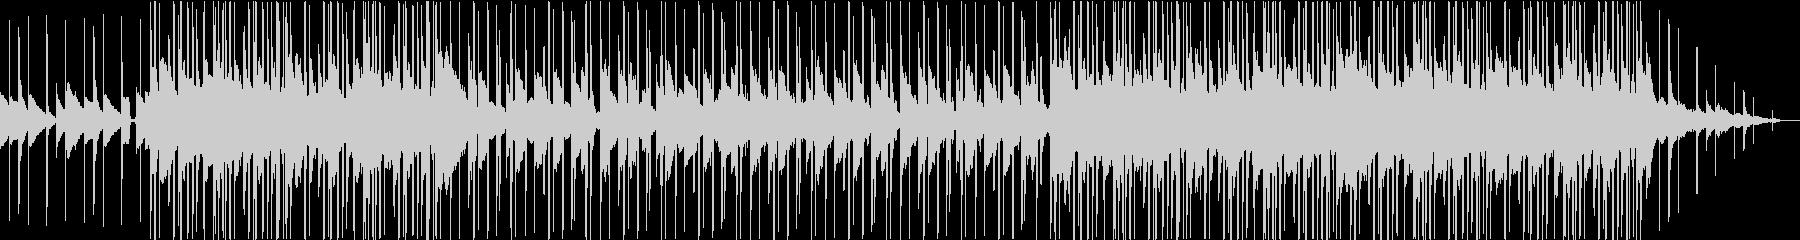 ピアノとストリングスのローファイビートの未再生の波形